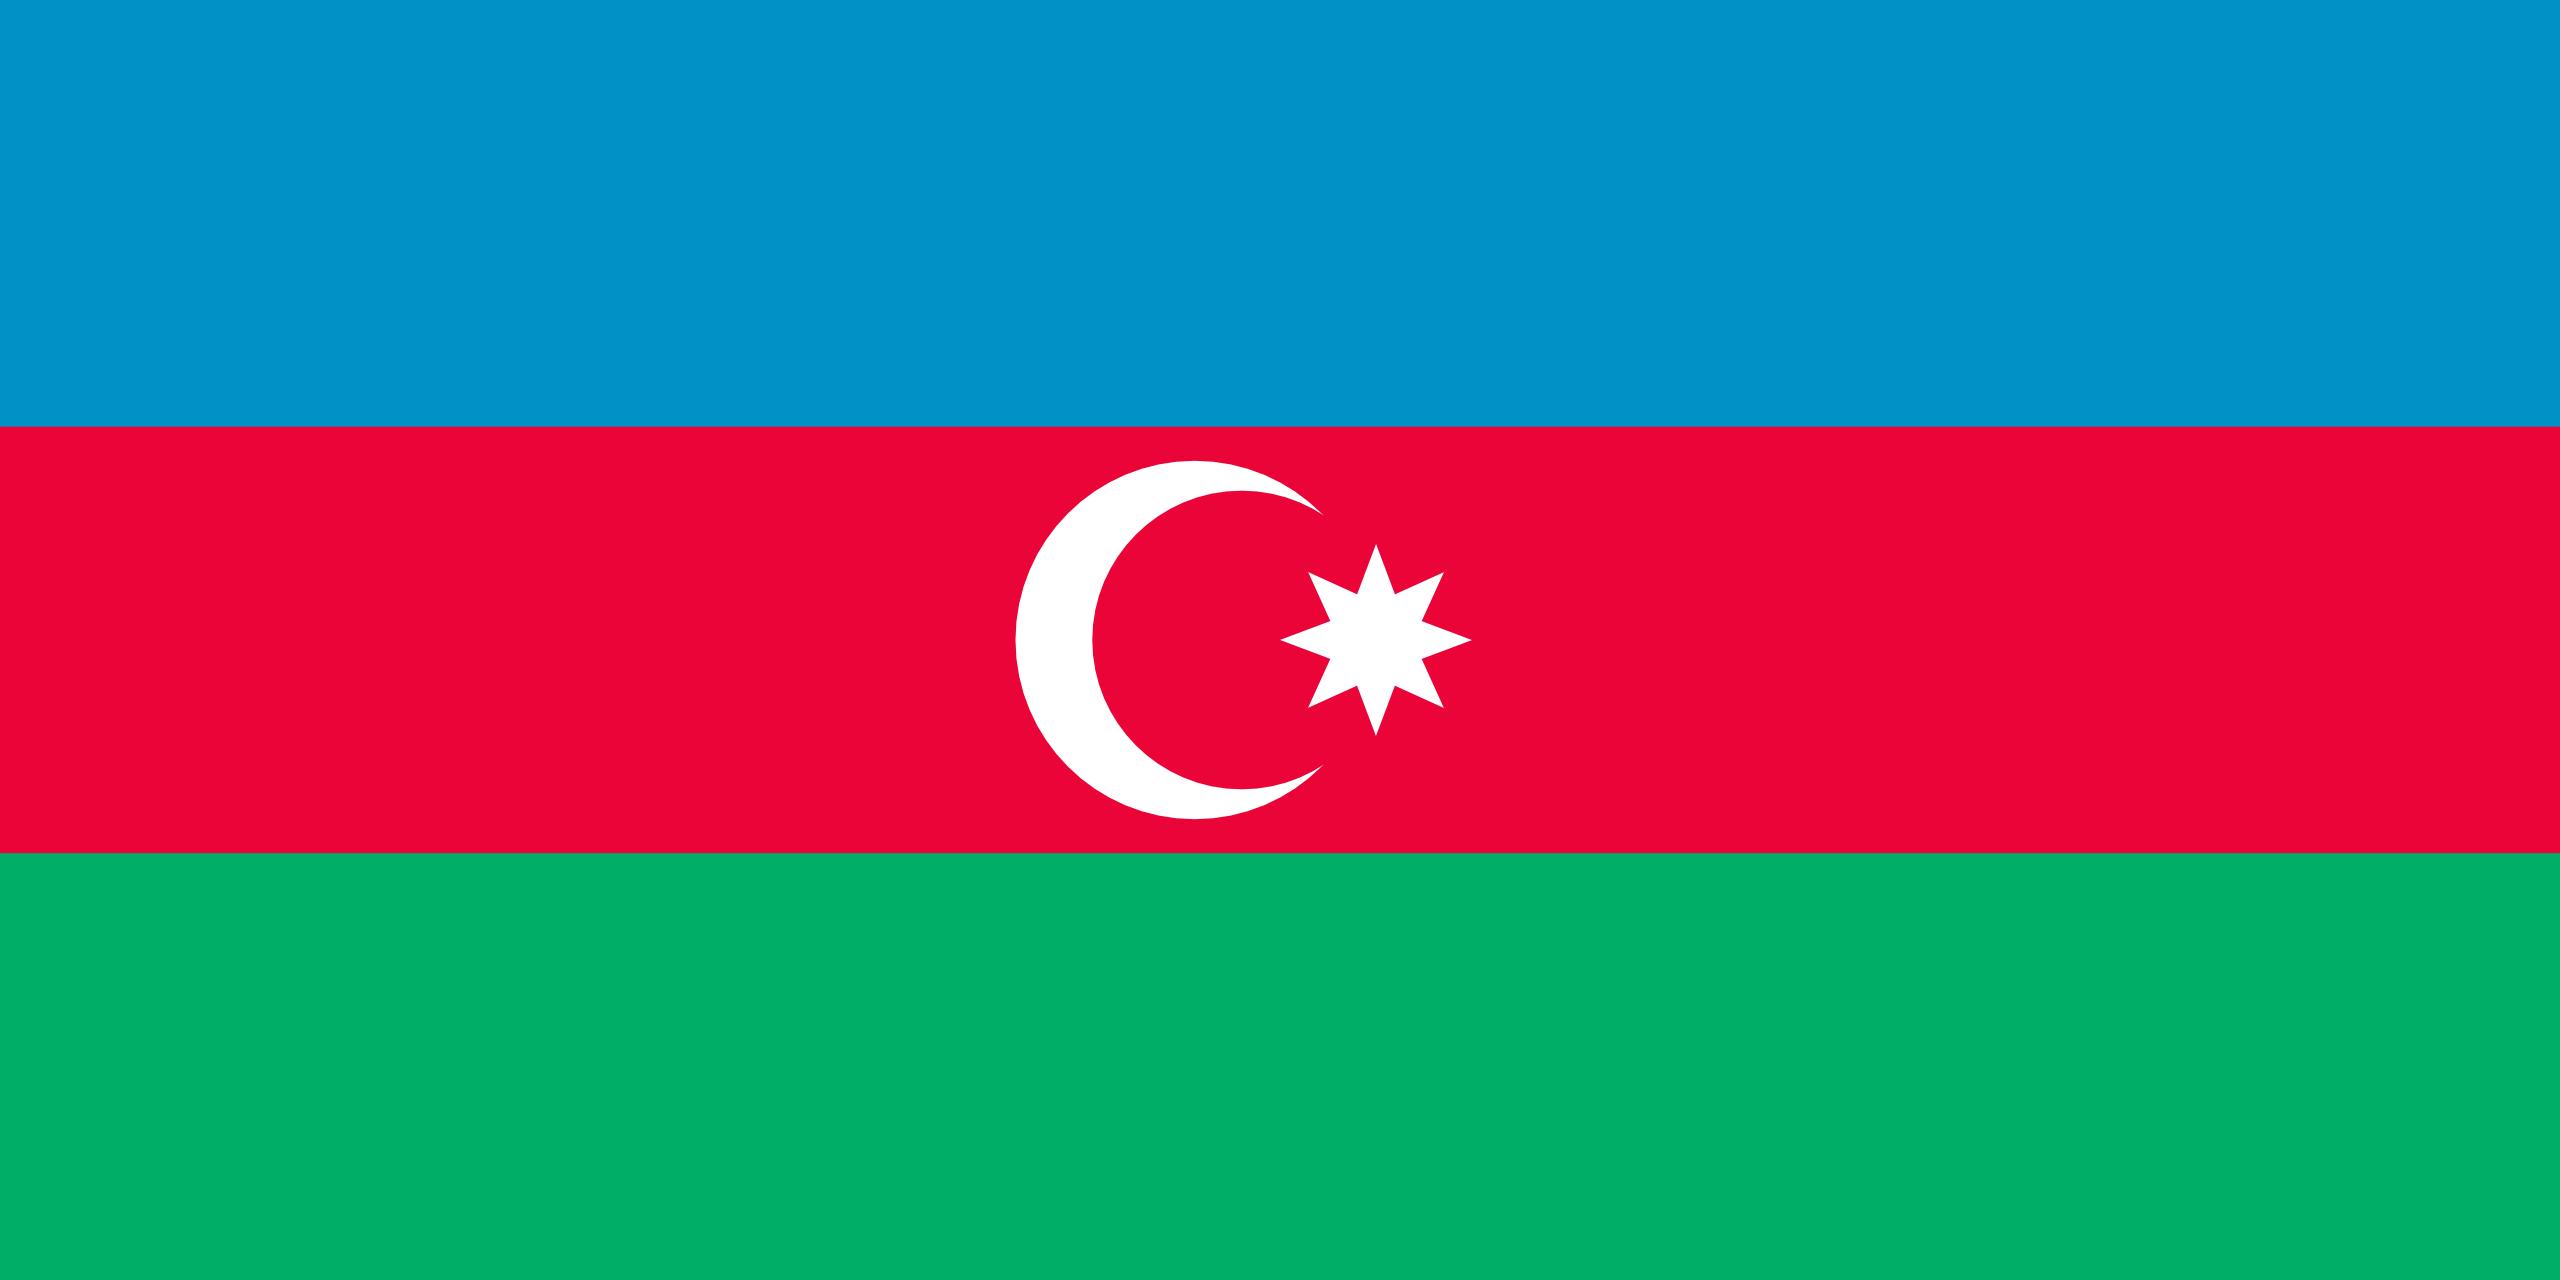 Azerbaijão, país, Brasão de armas, logotipo, símbolo - Papéis de parede HD - Professor-falken.com